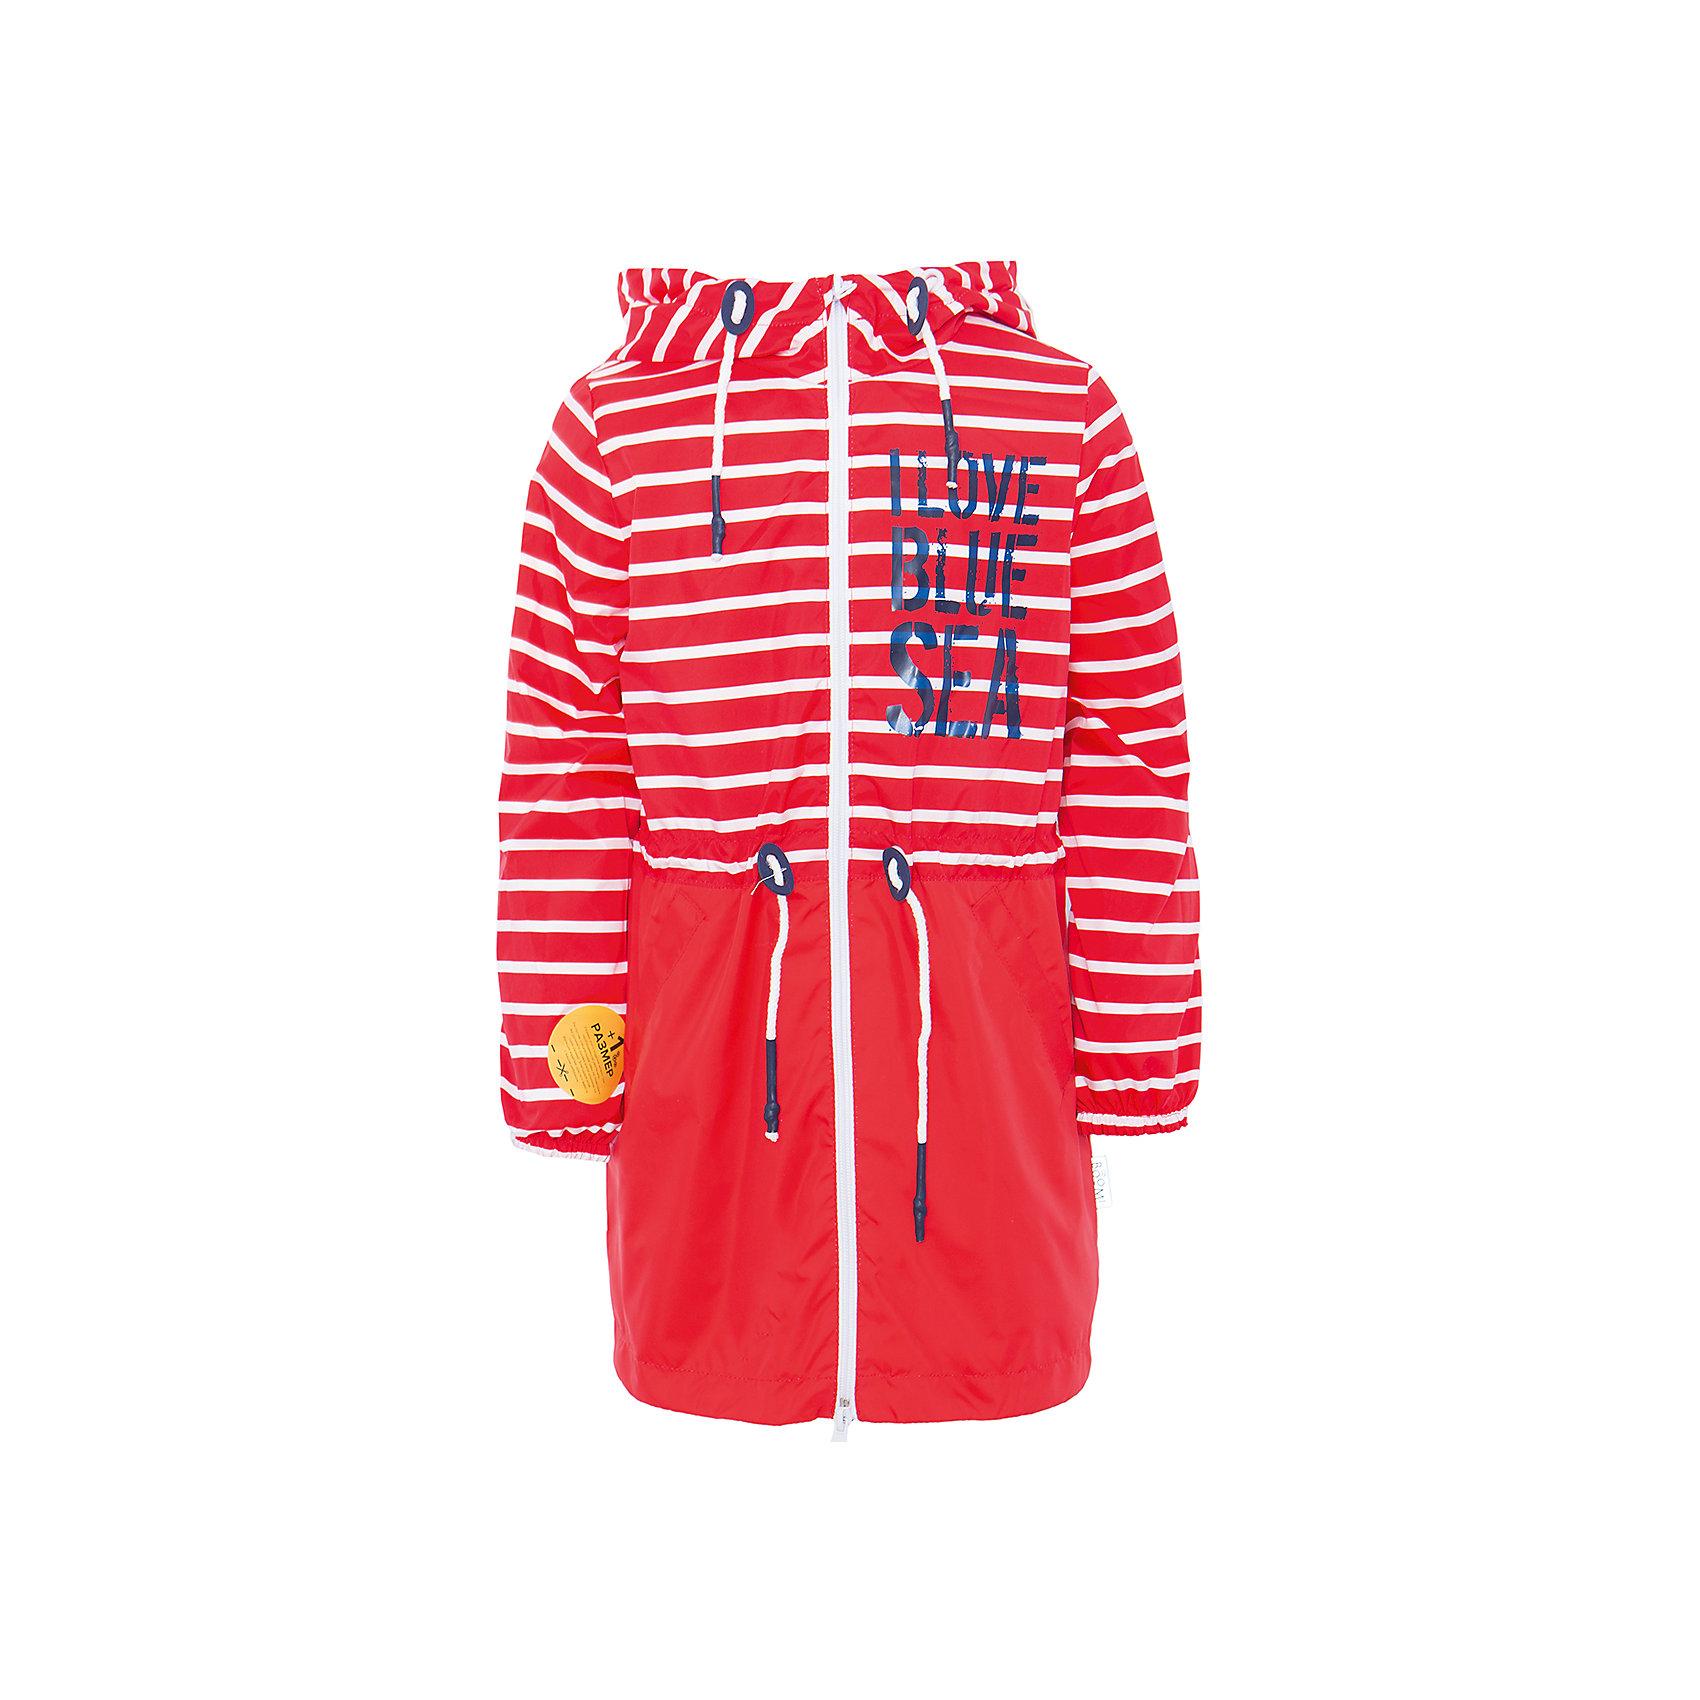 Плащ для девочки BOOM by OrbyВерхняя одежда<br>Характеристики товара:<br><br>• цвет: красный<br>• состав: верх - таффета, подкладка - полиэстер, флис, без утеплителя<br>• температурный режим: от +7°до +15°С<br>• демисезон<br>• капюшон<br>• застежка - молния<br>• декорирован принт<br>• утяжка в капюшоне<br>• шнурок в поясе<br>• комфортная посадка<br>• страна производства: Российская Федерация<br>• страна бренда: Российская Федерация<br>• коллекция: весна-лето 2017<br><br>Такой плащ - универсальный вариант для теплого межсезонья с постоянно меняющейся погодой. Эта модель - модная и удобная одновременно! Изделие отличается стильным ярким дизайном. Плащ хорошо сидит по фигуре, отлично сочетается с различным низом. Вещь была разработана специально для детей.<br><br>Одежда от российского бренда BOOM by Orby уже завоевала популярностью у многих детей и их родителей. Вещи, выпускаемые компанией, качественные, продуманные и очень удобные. Для производства коллекций используются только безопасные для детей материалы. Спешите приобрести модели из новой коллекции Весна-лето 2017!<br><br>Плащ для девочки от бренда BOOM by Orby можно купить в нашем интернет-магазине.<br><br>Ширина мм: 356<br>Глубина мм: 10<br>Высота мм: 245<br>Вес г: 519<br>Цвет: красный<br>Возраст от месяцев: 36<br>Возраст до месяцев: 48<br>Пол: Женский<br>Возраст: Детский<br>Размер: 104,158,152,110,92,98,116,122,128,134,140,146<br>SKU: 5343864